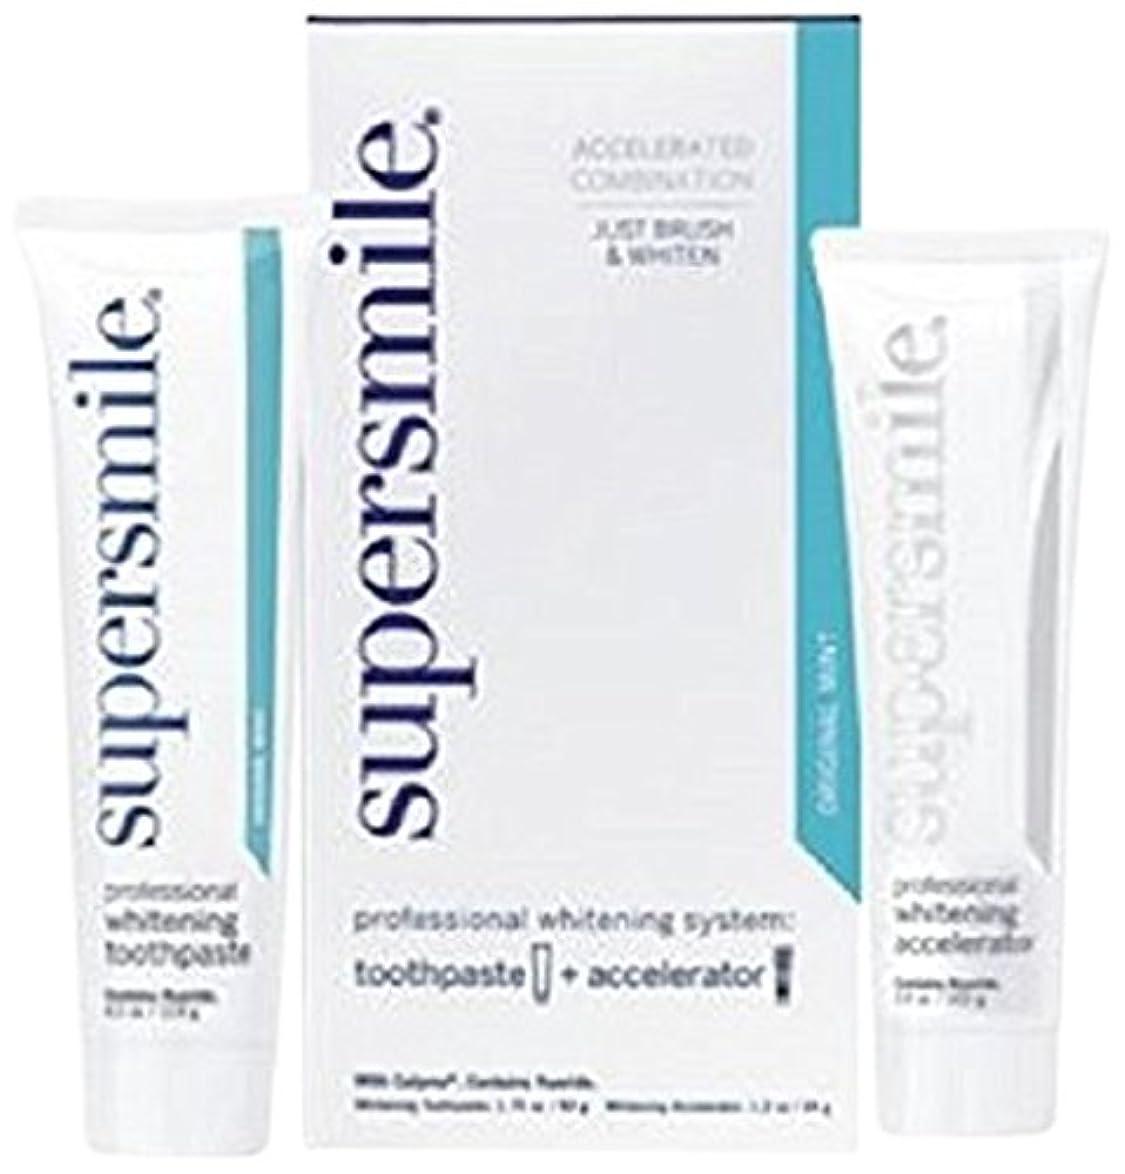 風刺愚か愚かSupersmile Professional Whitening System: Toothpaste 50g/1.75oz + Accelerator 34g/1.2oz - 2pcs by SuperSmile